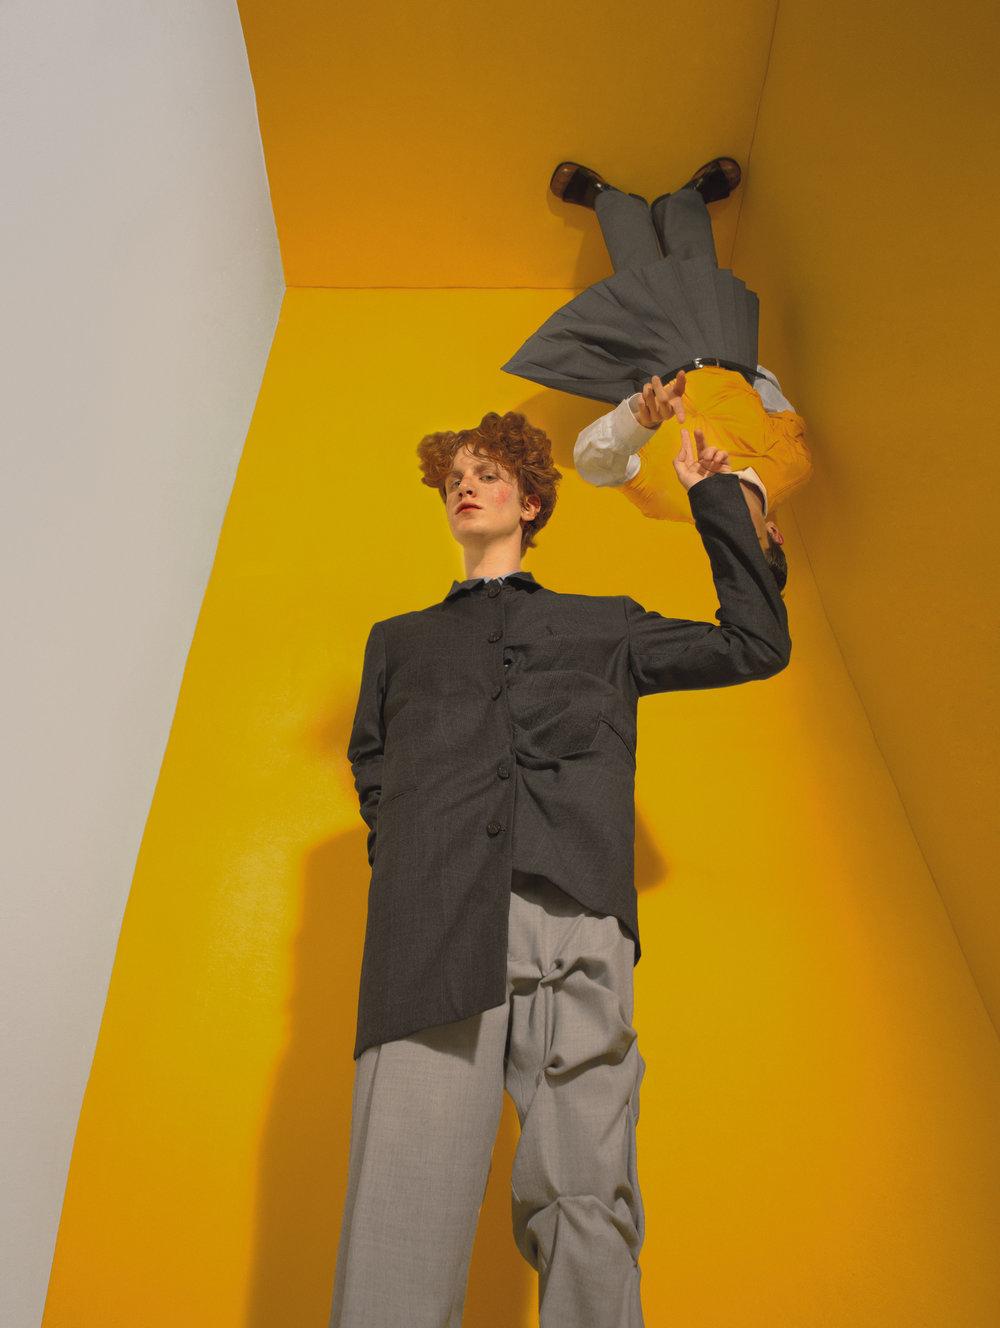 Arriba: camisa de  DIOR HOMME , camiseta de  FILIP Y KITO , cinturón de  CALVIN KLEIN , falda-pantalón de  PEPA SALAZAR  y zapatos de  PRADA . Abajo: chaqueta de  PEUTEREY  y pantalón de  GIORGIO ARMANI.